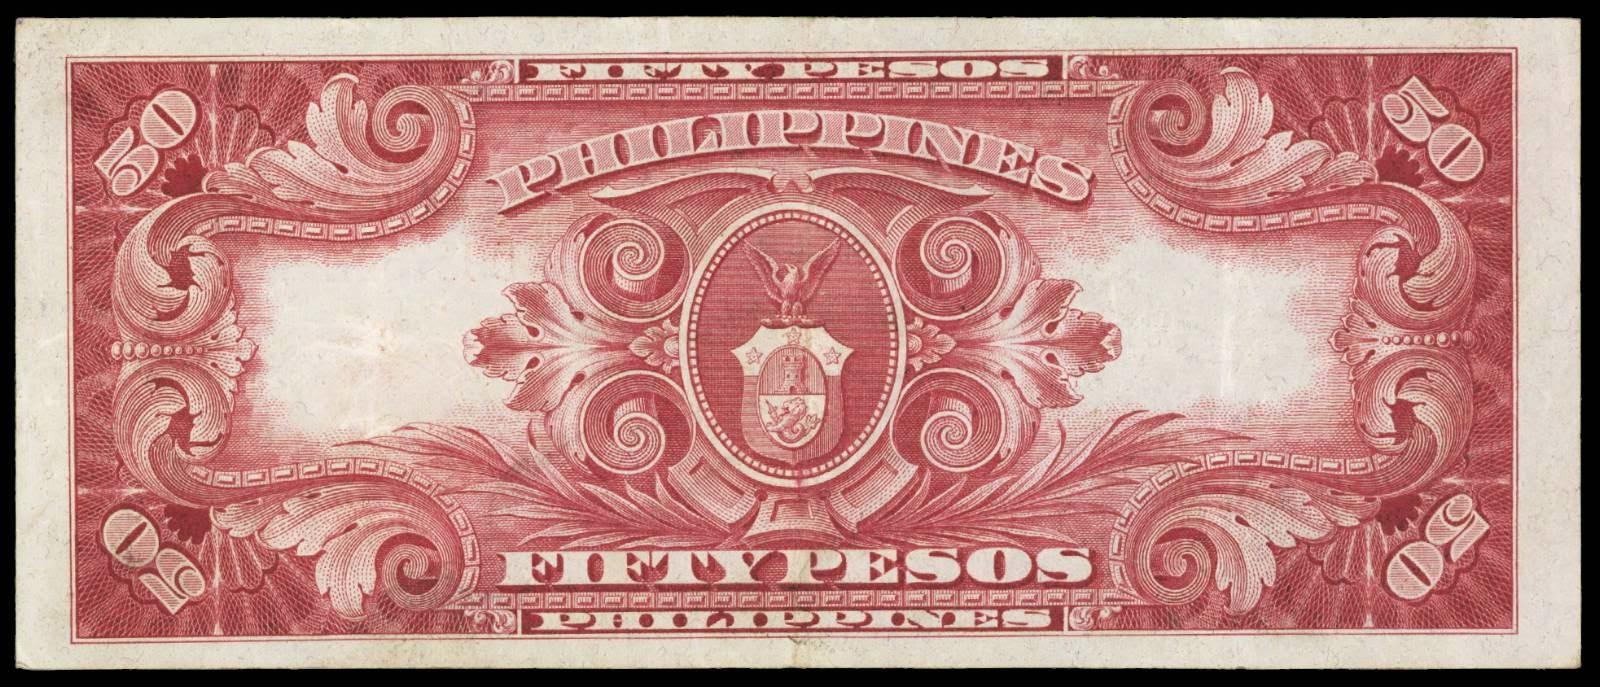 Philippines 50 Peso bill Treasury Certificate 1936